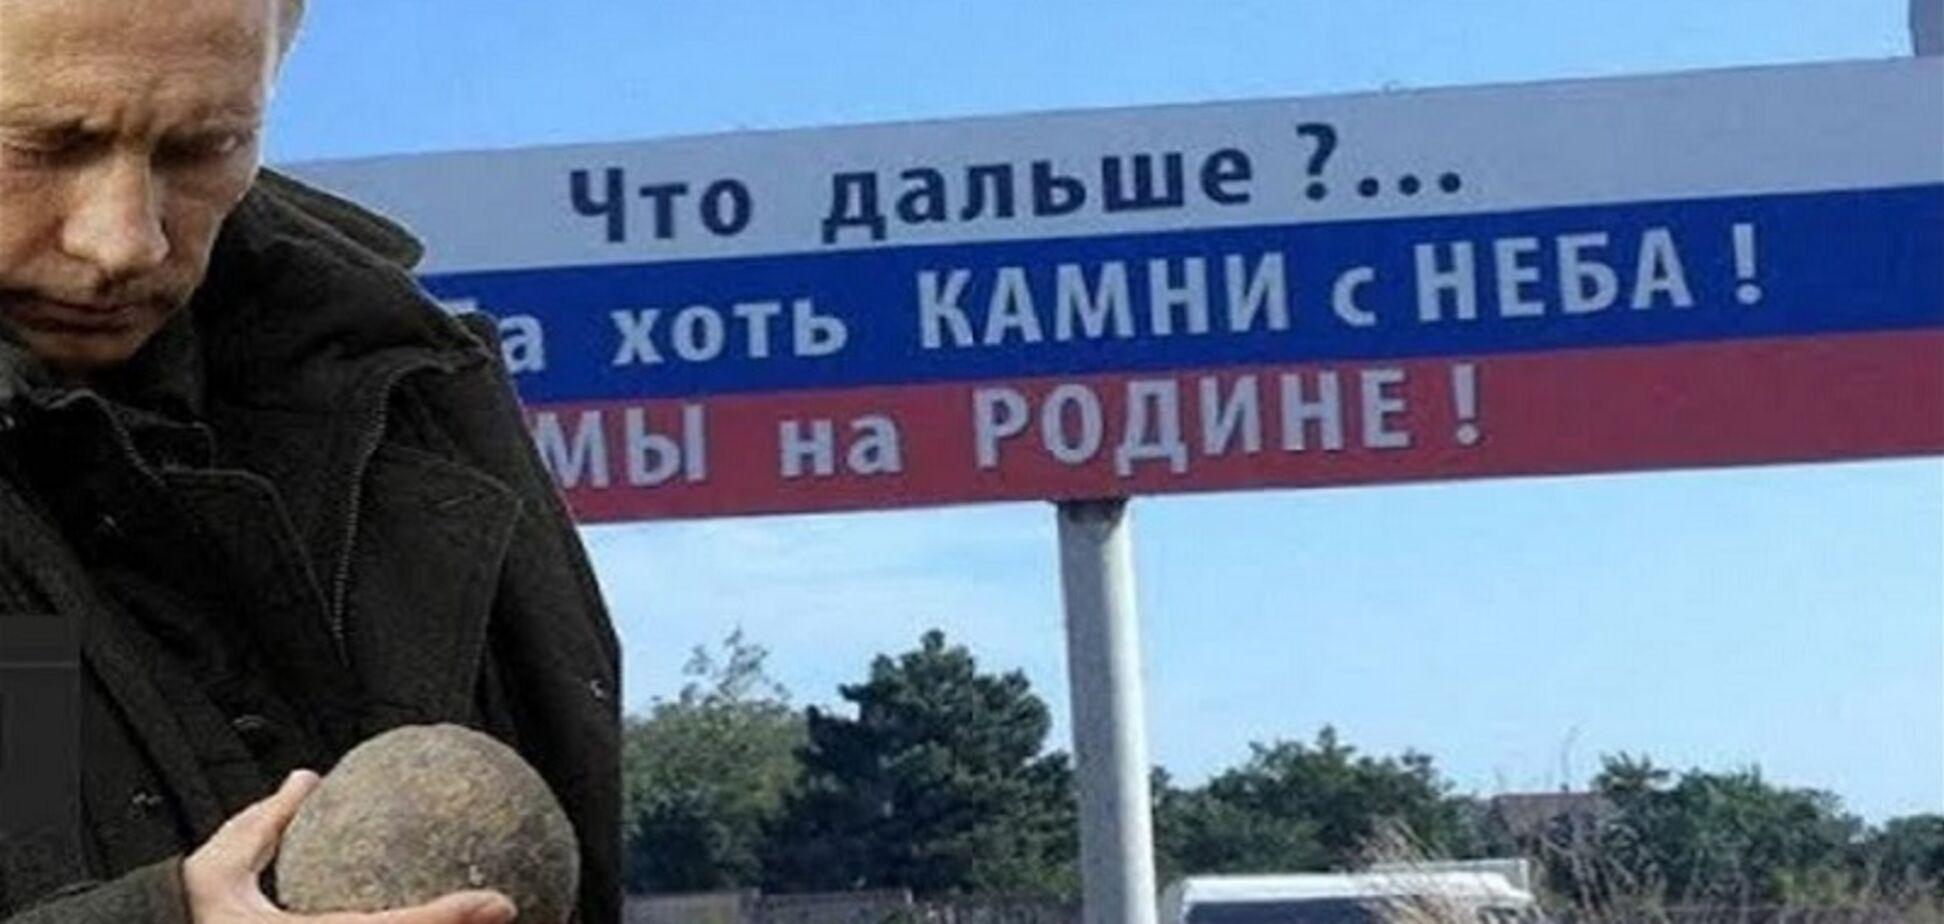 План Путина не работает: Илларионов предрек Крыму катастрофу уже в июле